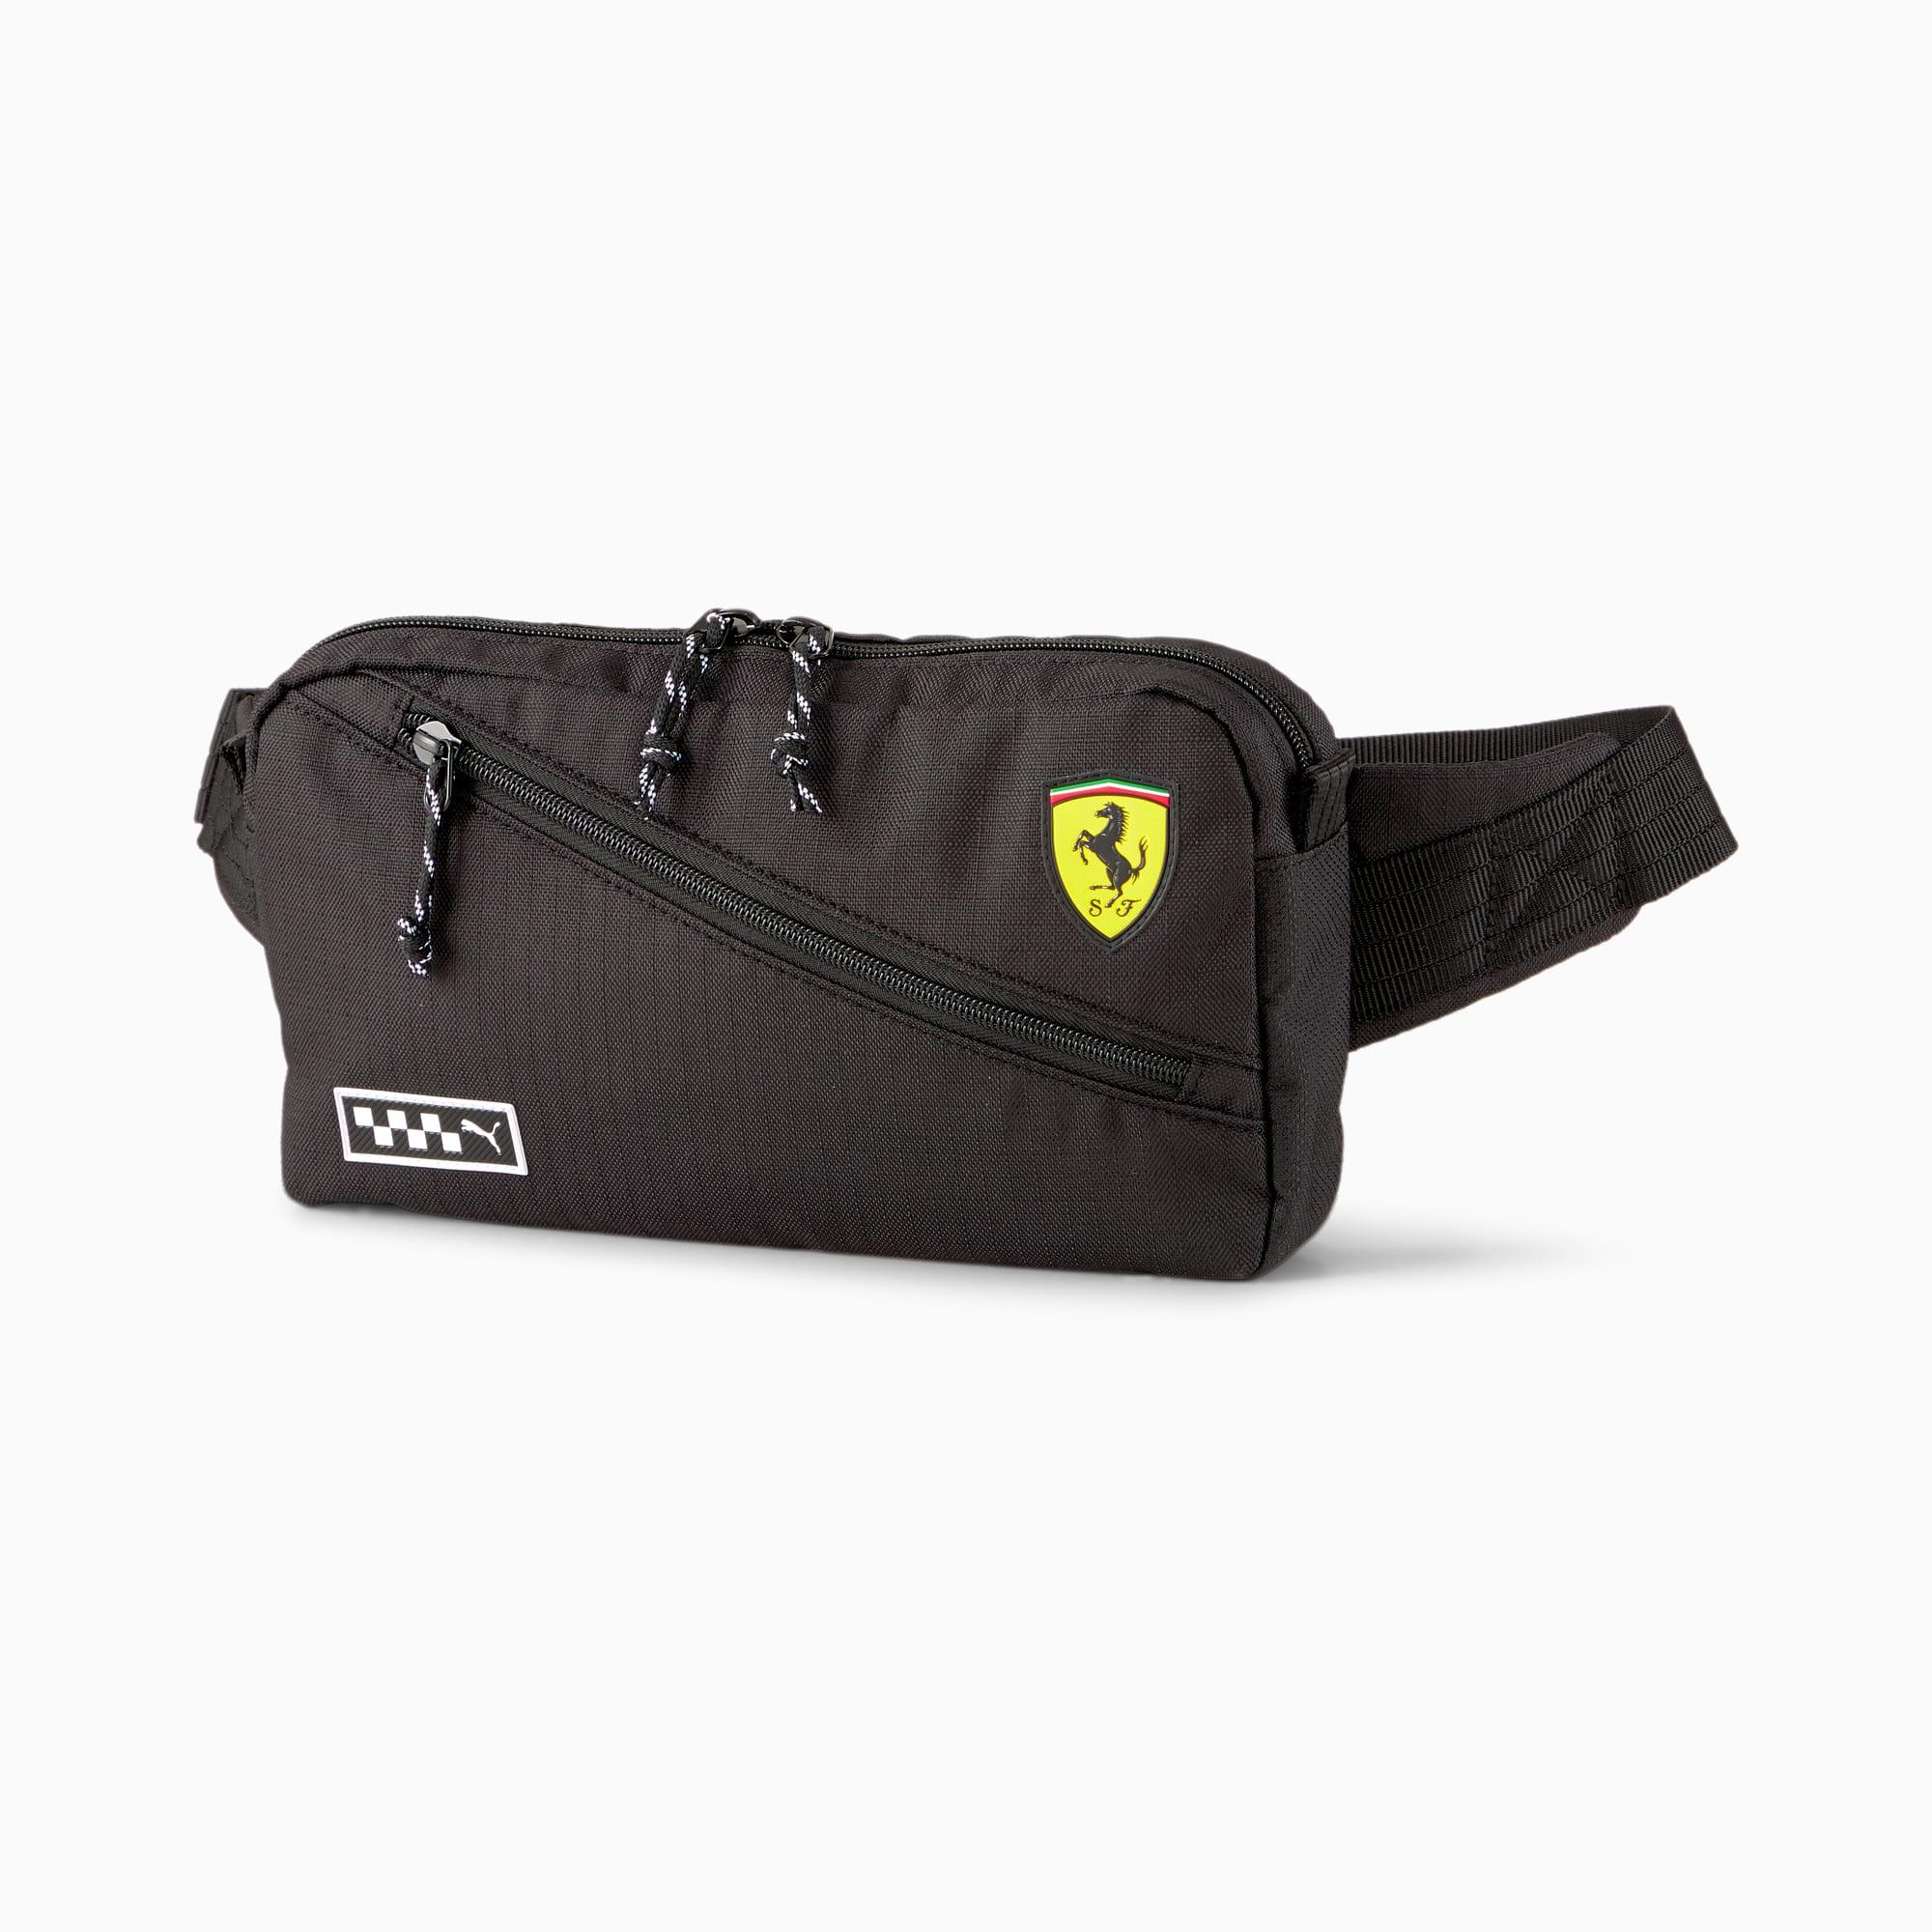 Sac banane Scuderia Ferrari, Noir, Accessoires - PUMA - Modalova